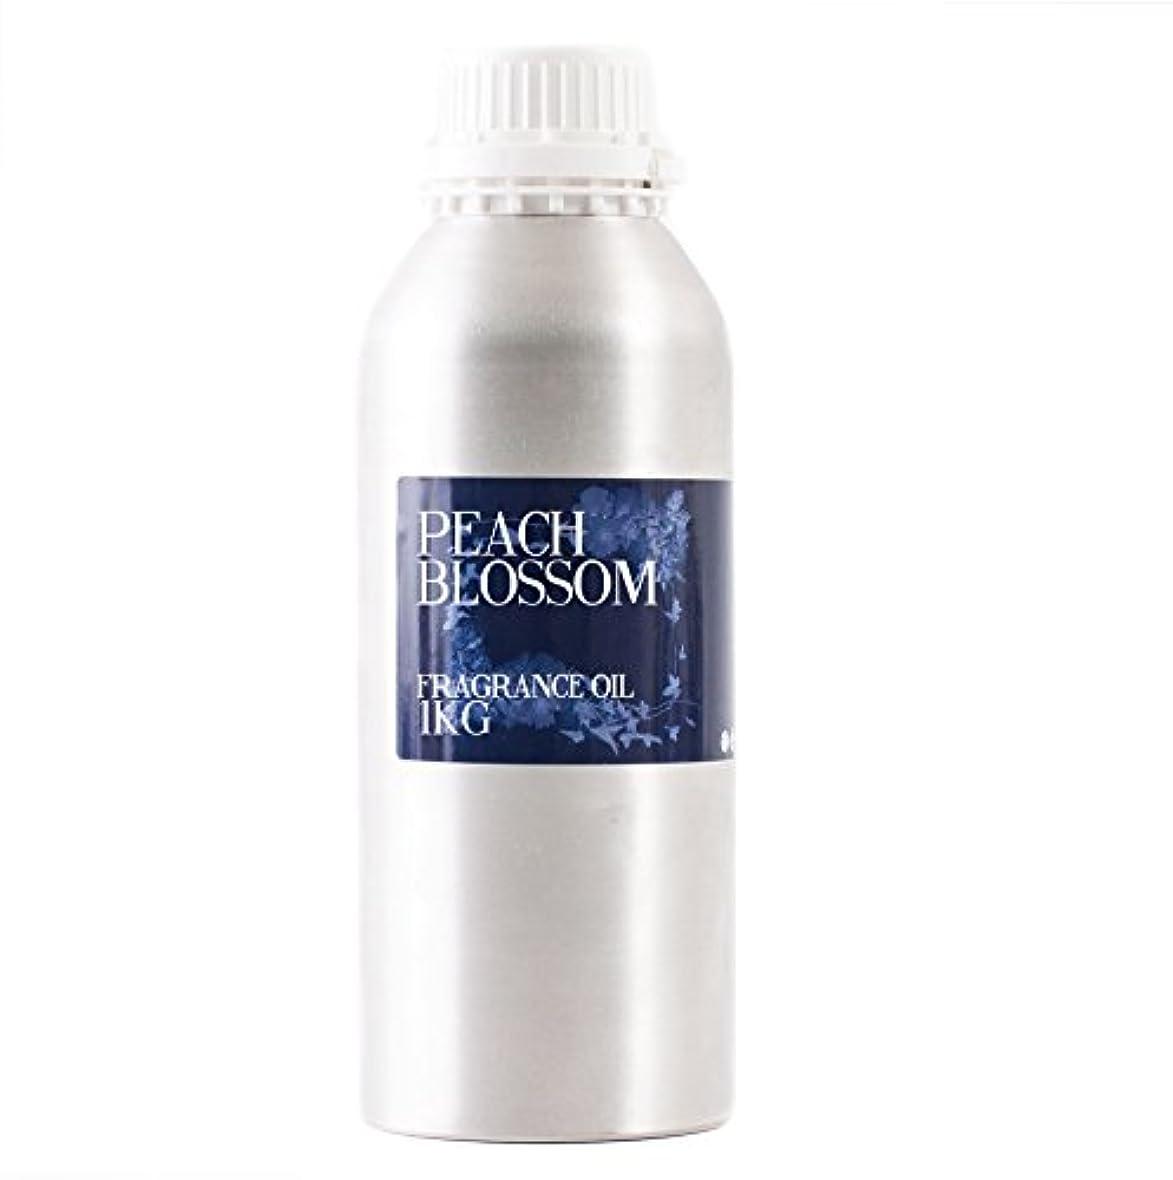 権利を与えるこんにちは番目Mystic Moments | Peach Blossom Fragrance Oil - 1Kg